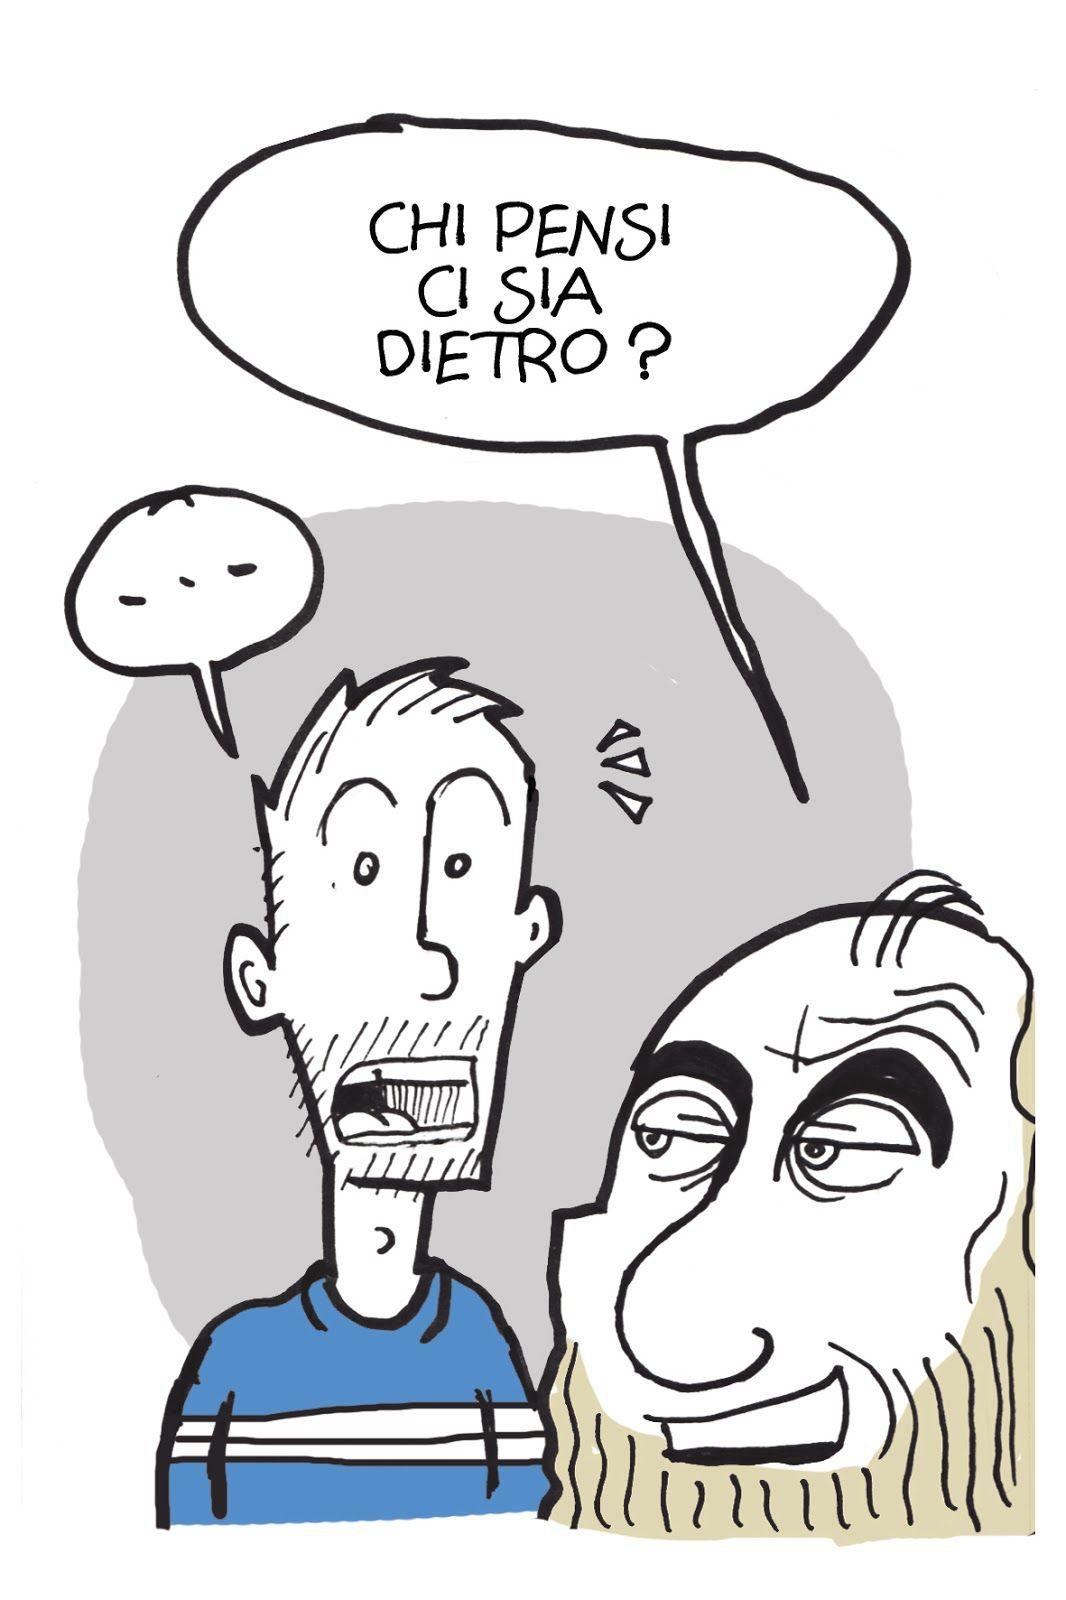 FUMETTISTI CONTRO LA GGENTE Leggi http://www.giornalepop.it/fumettisti-contro-la-ggente/